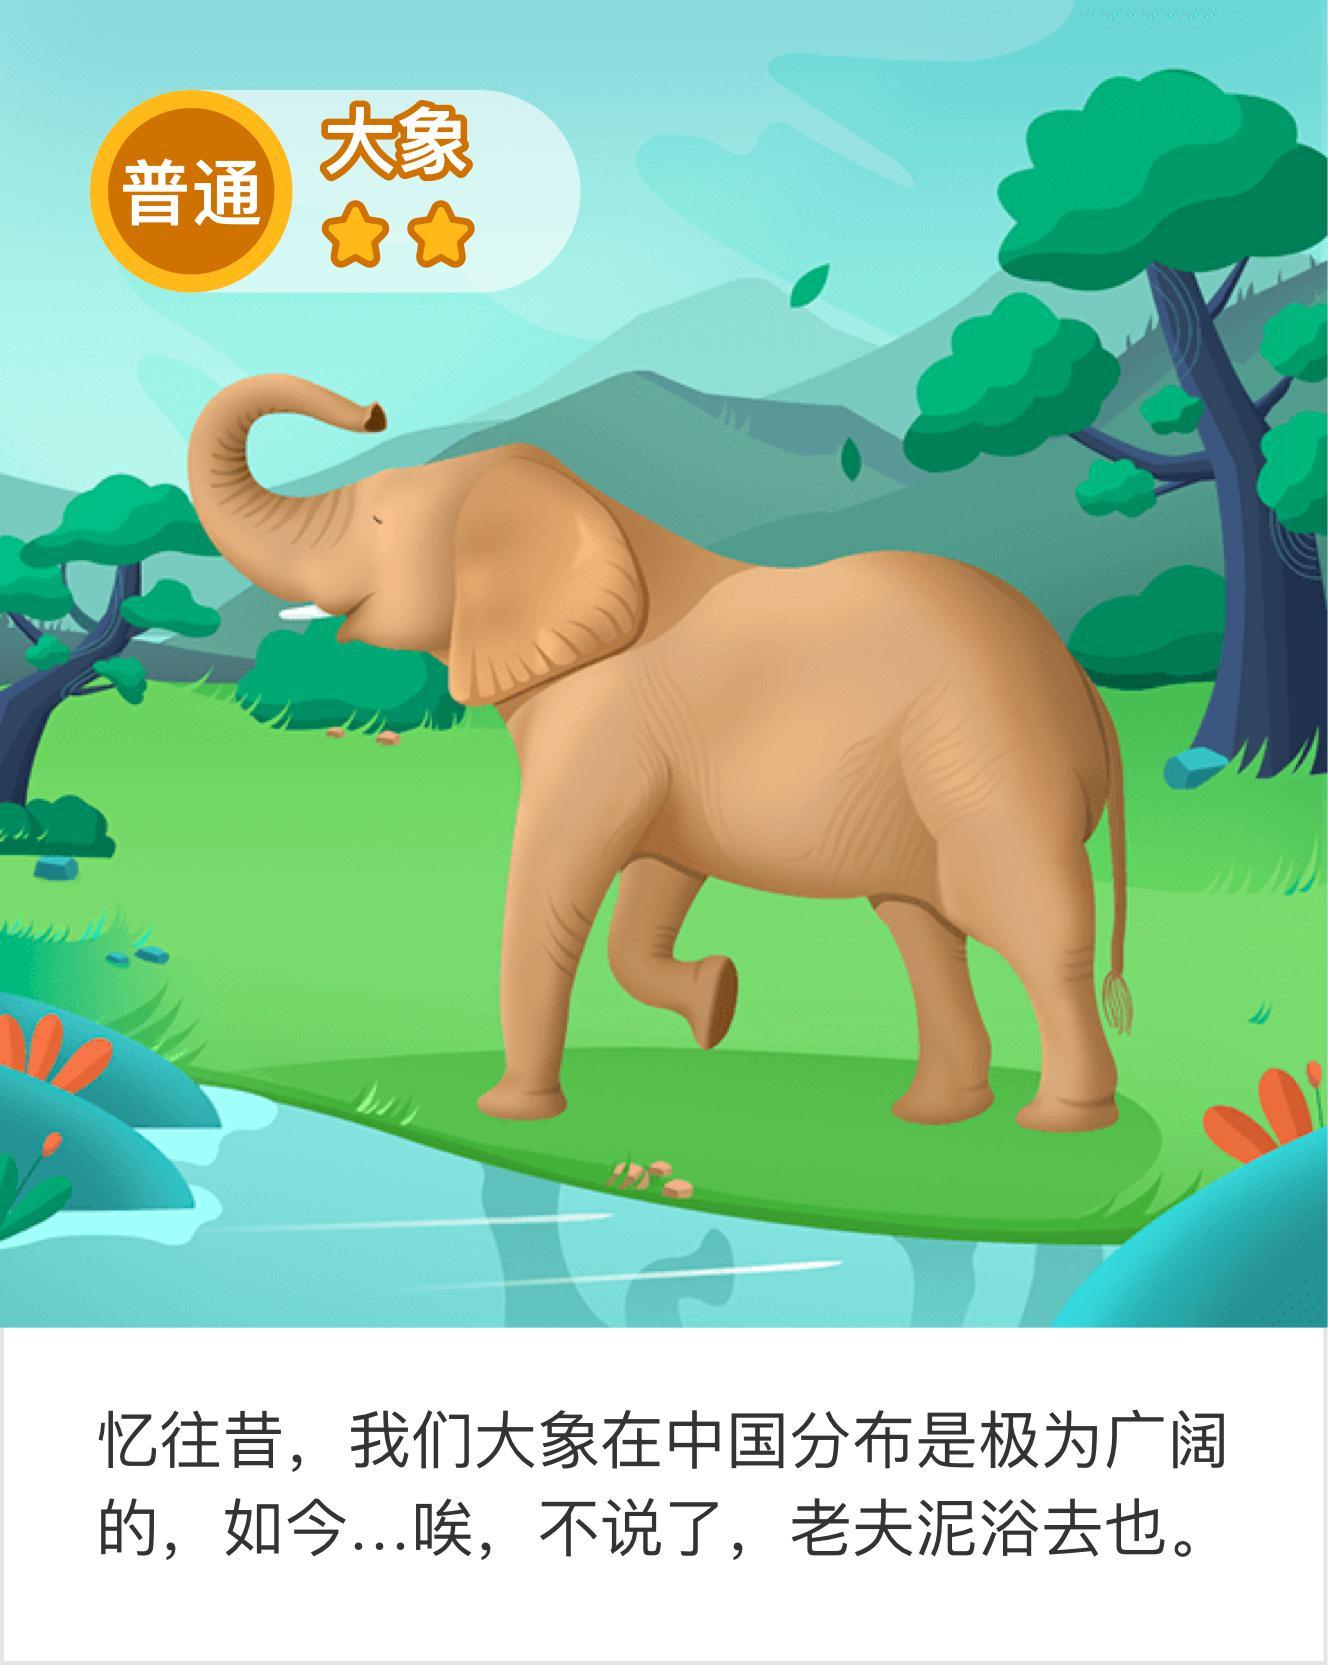 我在帮助了大象,获得了爱心和动物卡片